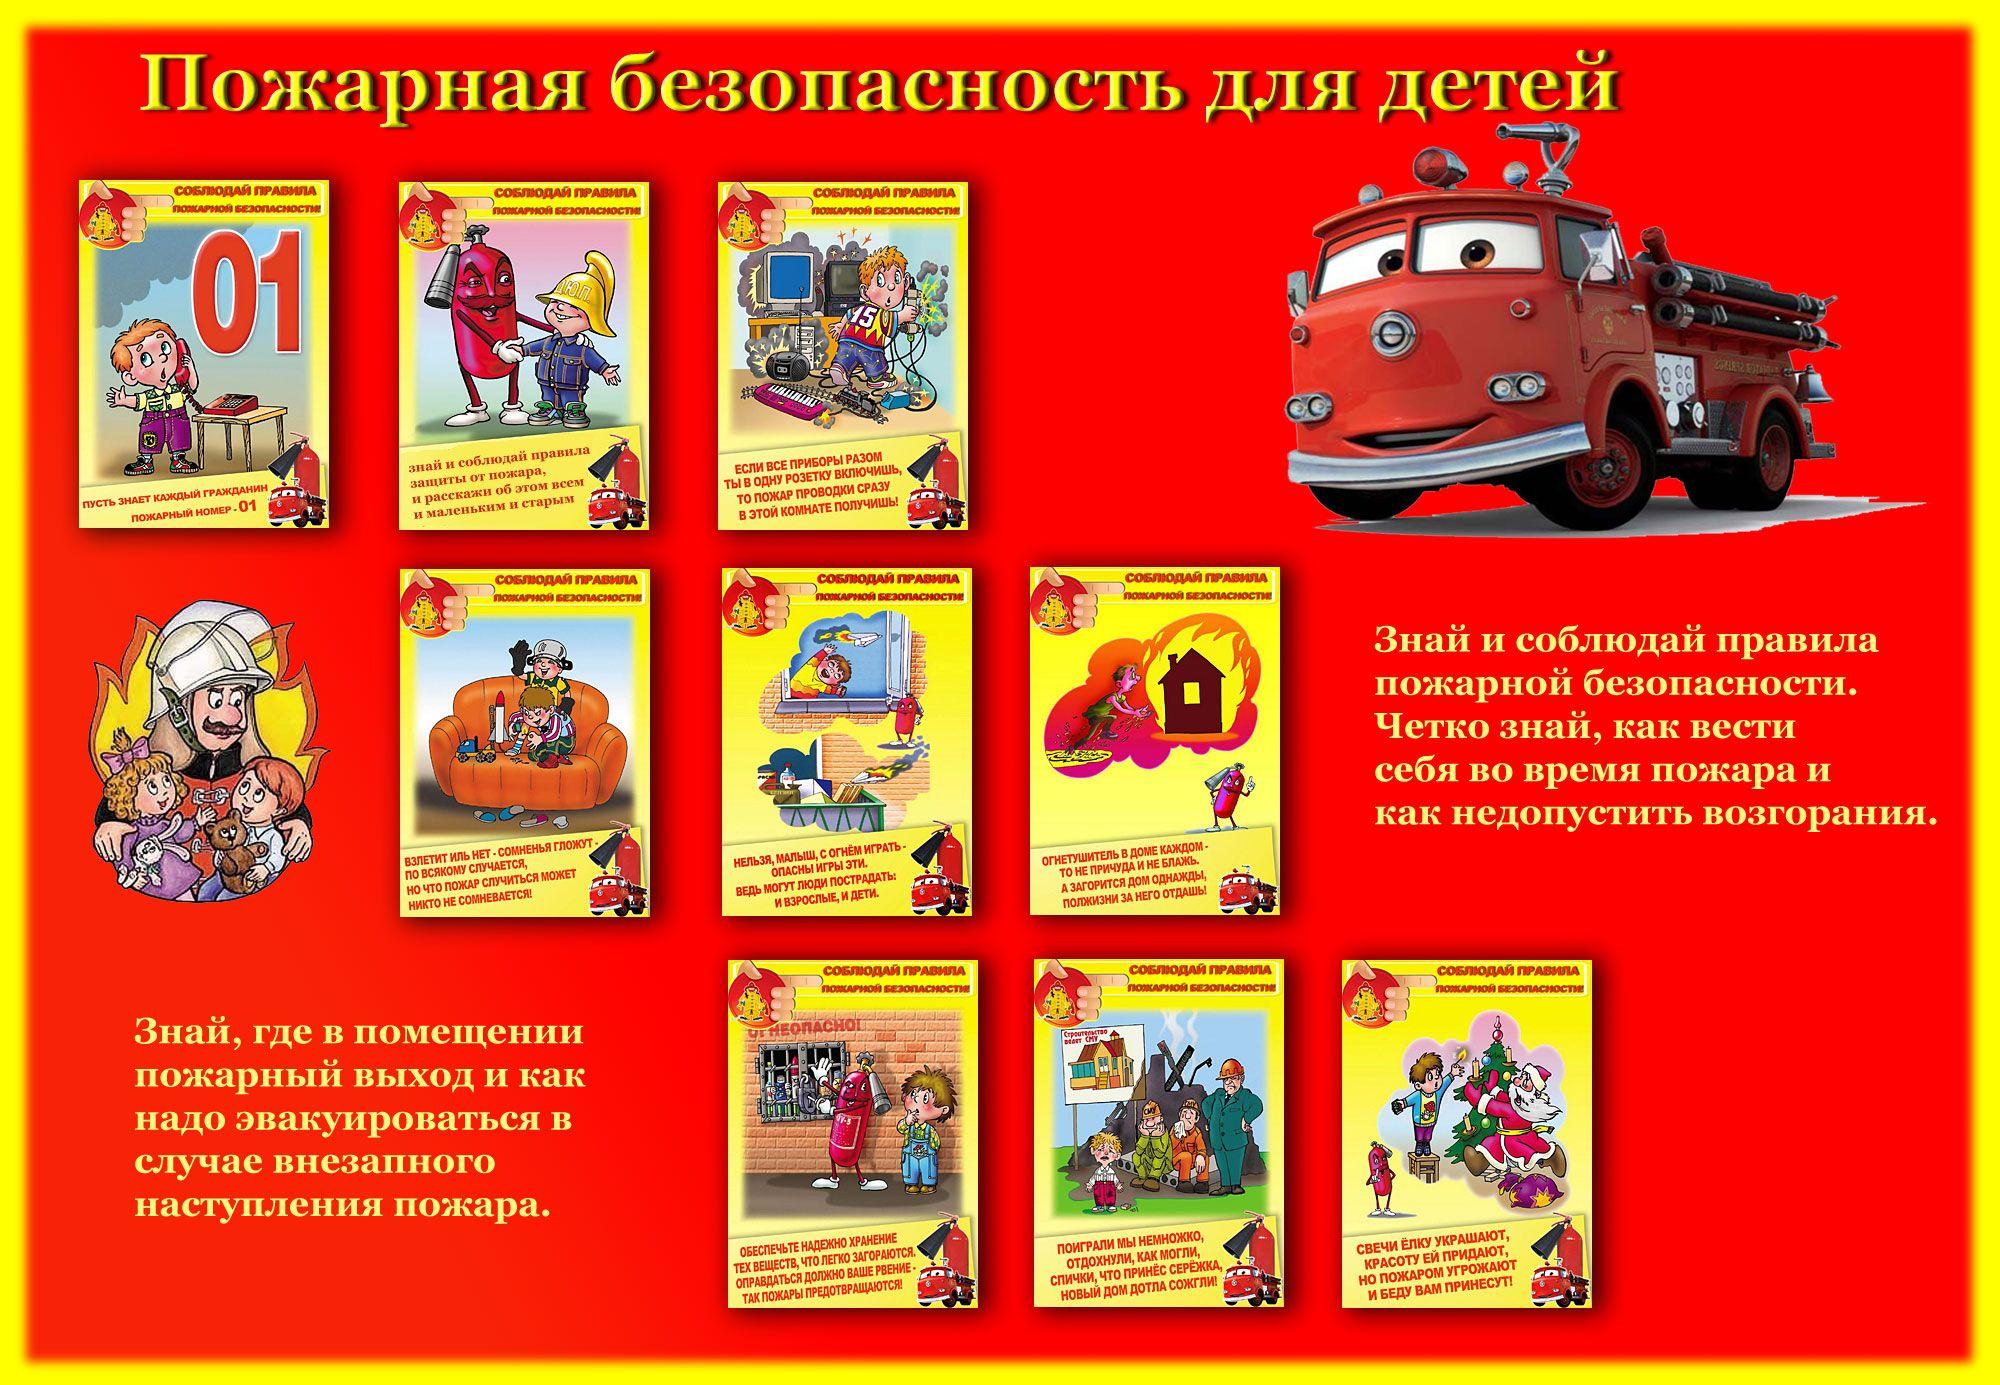 картинки пожежна безпека для дітей | Пожарная безопасность ...